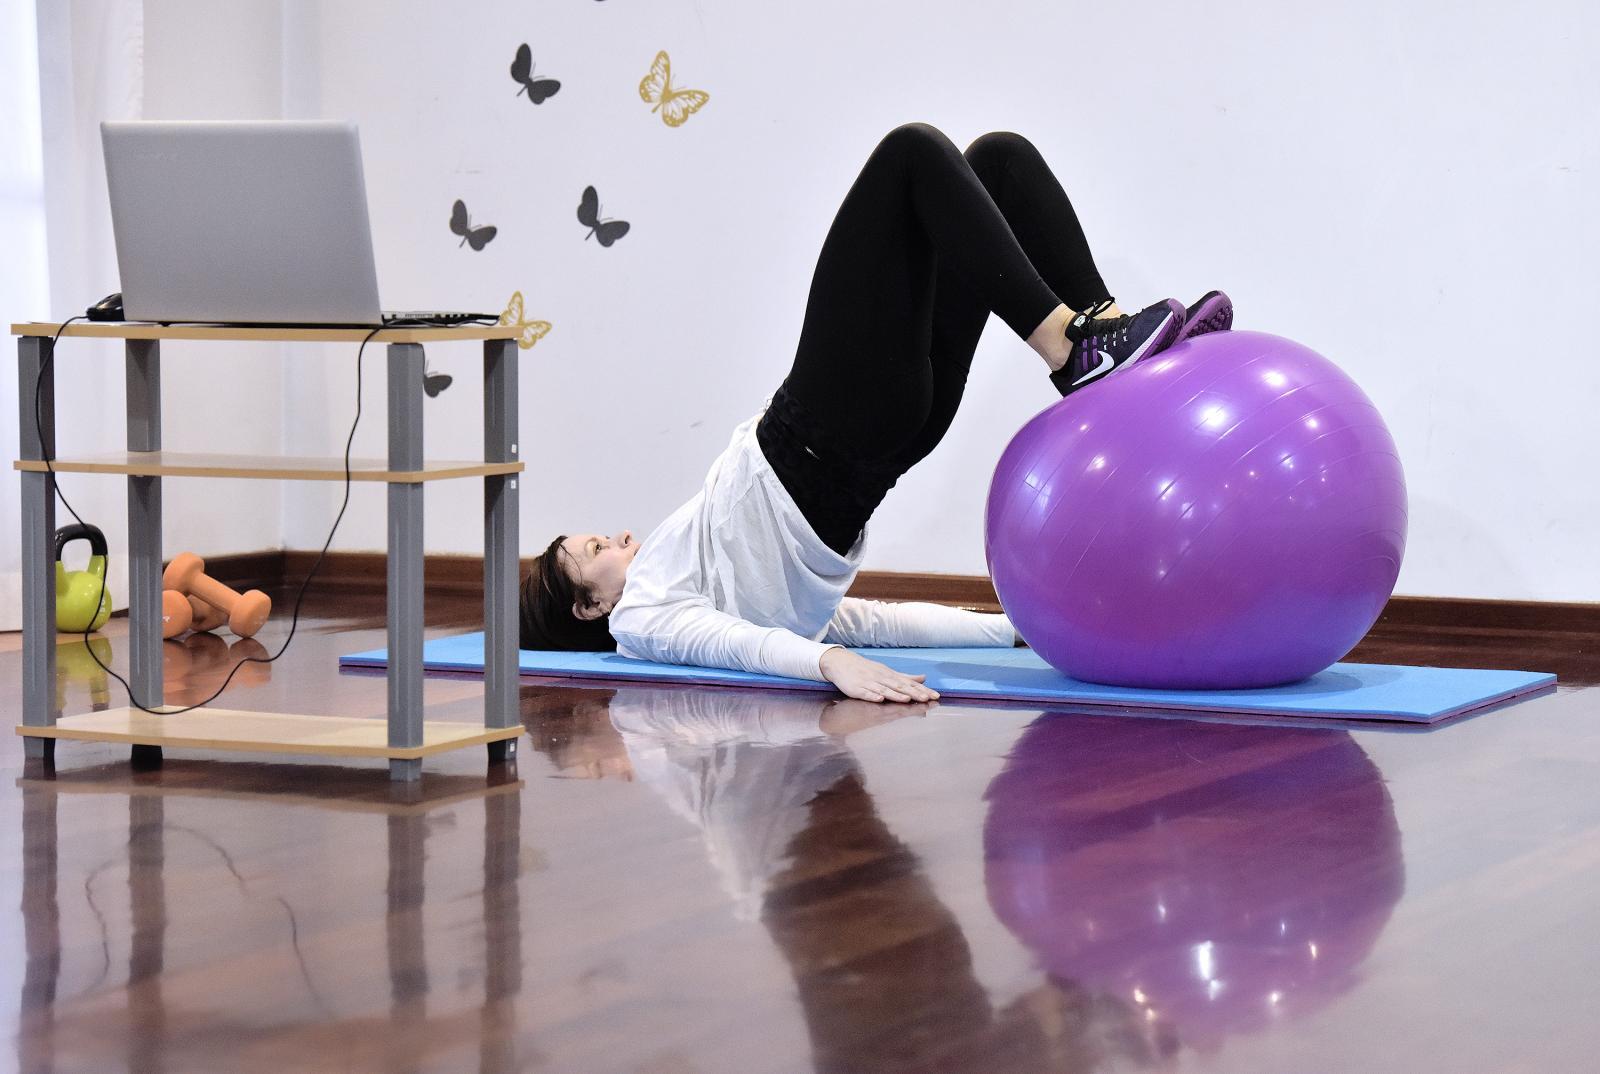 Iako fizički udaljeni jedni od drugih, treninzi se mogu izvoditi pojedinačno, ali i grupno.